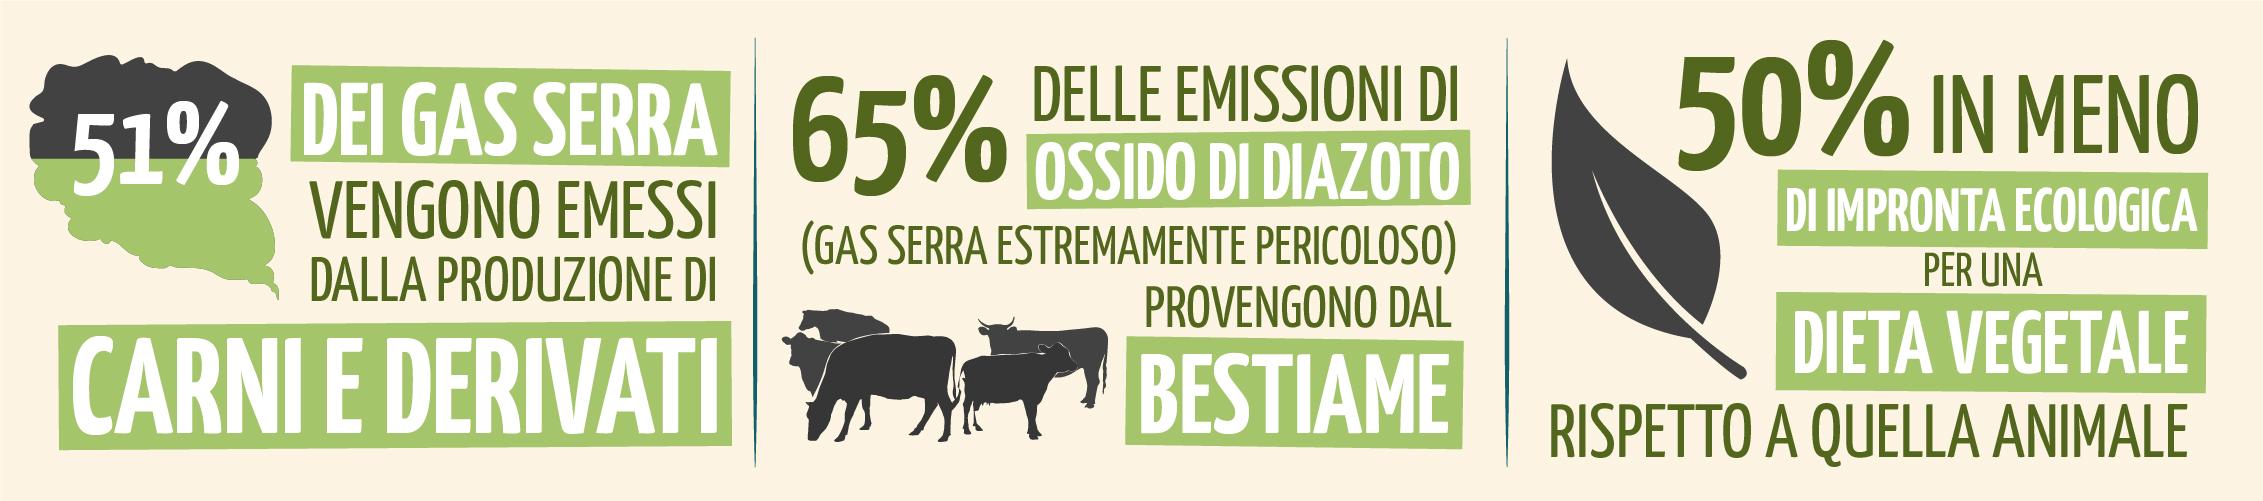 dati su emisisoni gas serra da carne e allevamenti bestiame